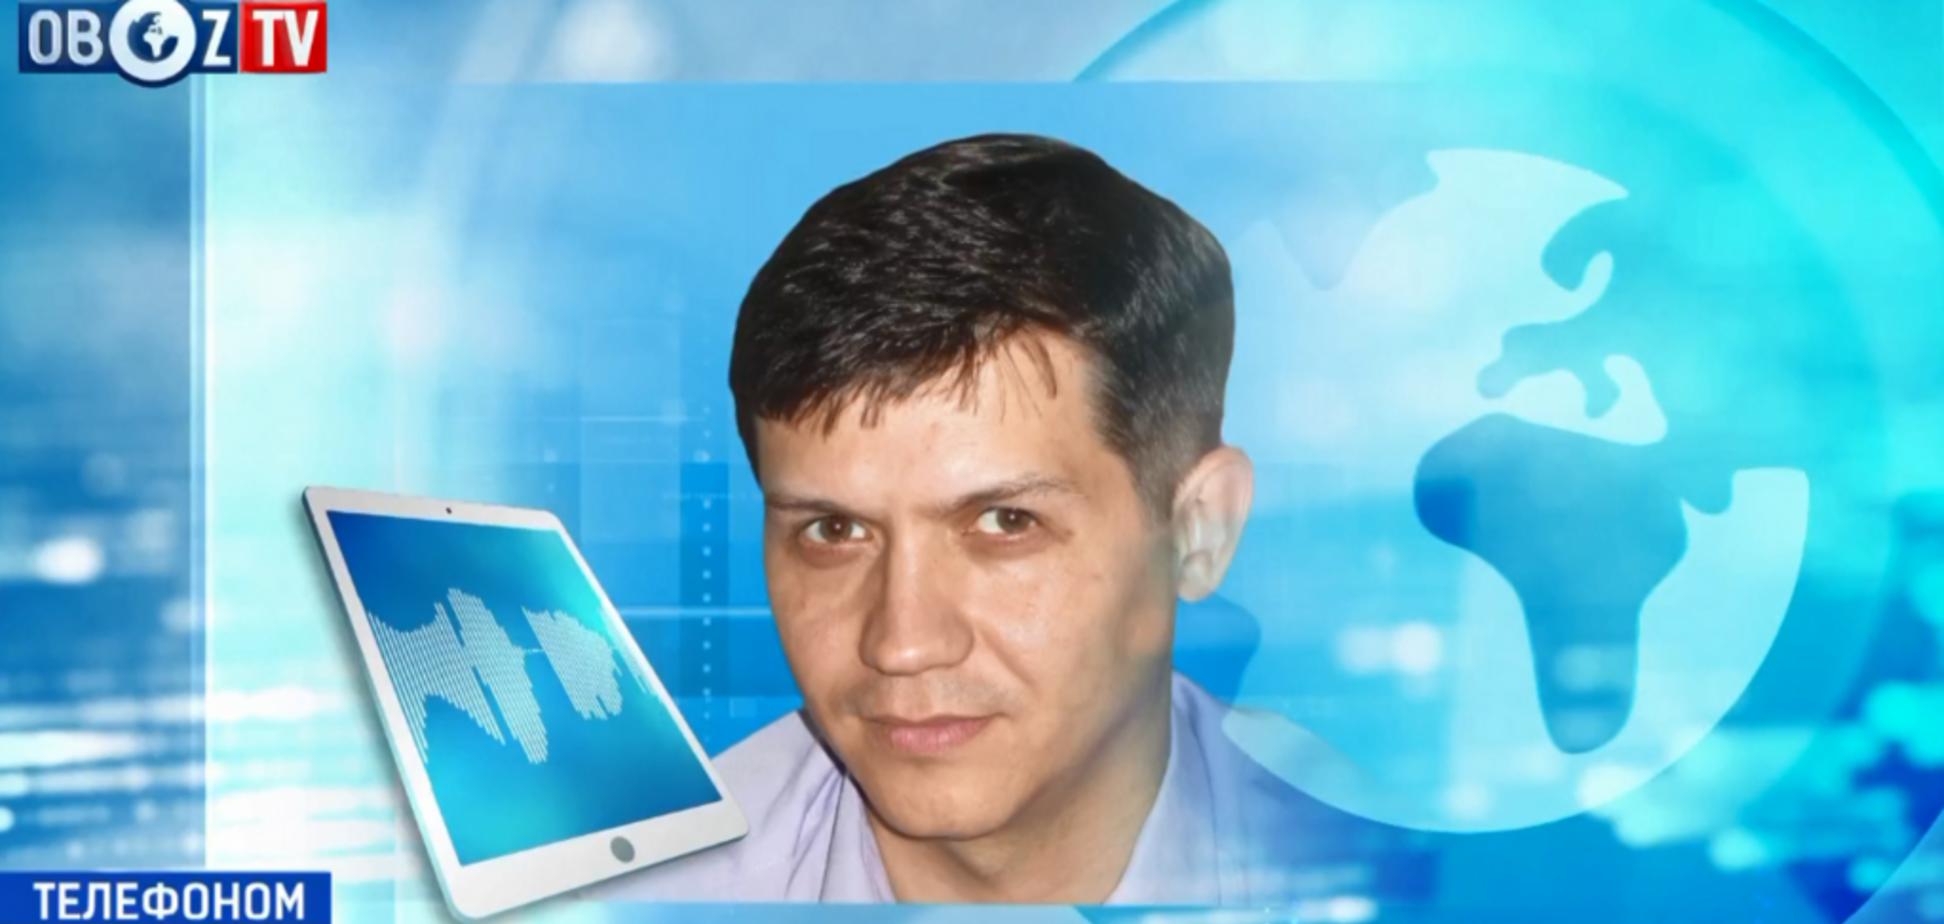 'Как на Донбассе': в катастрофе МАУ в Иране нашли сходство с МН17